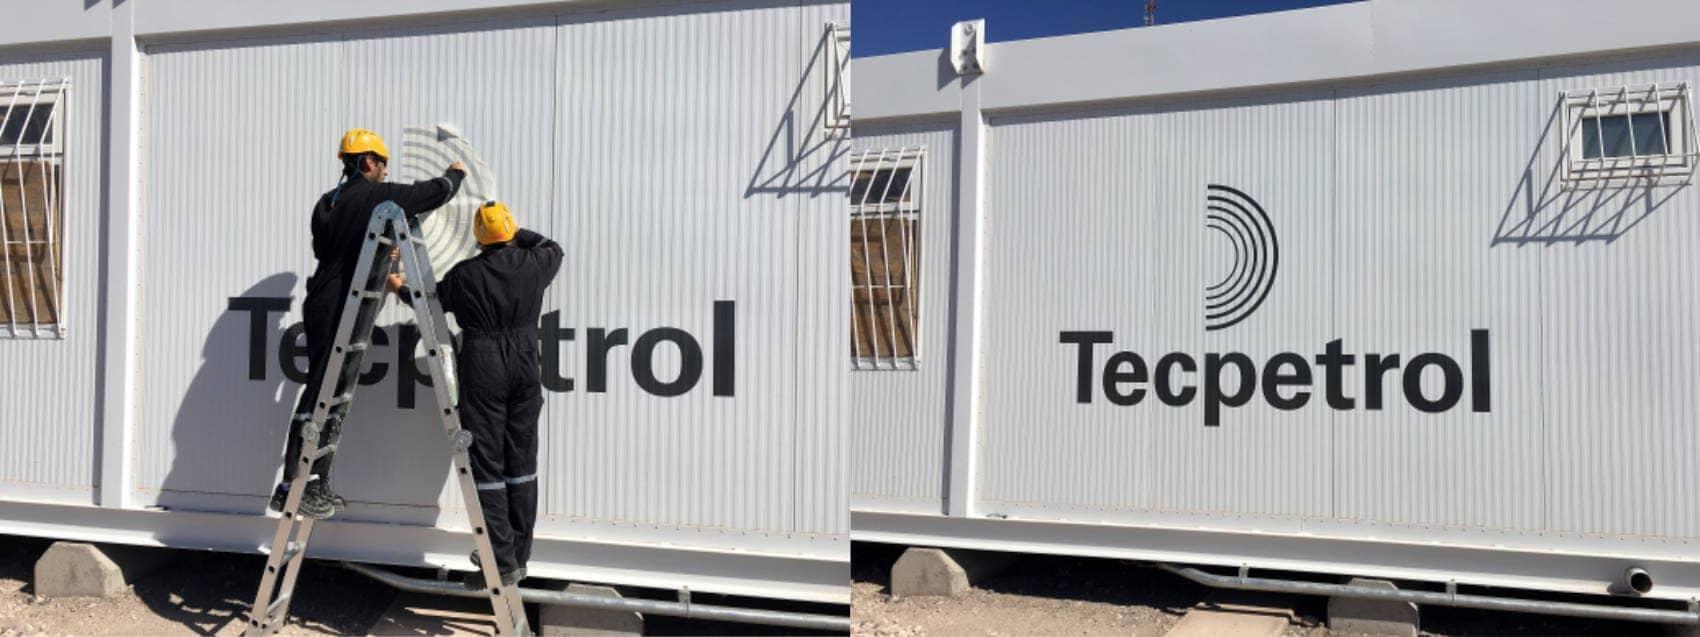 tecpetrol5